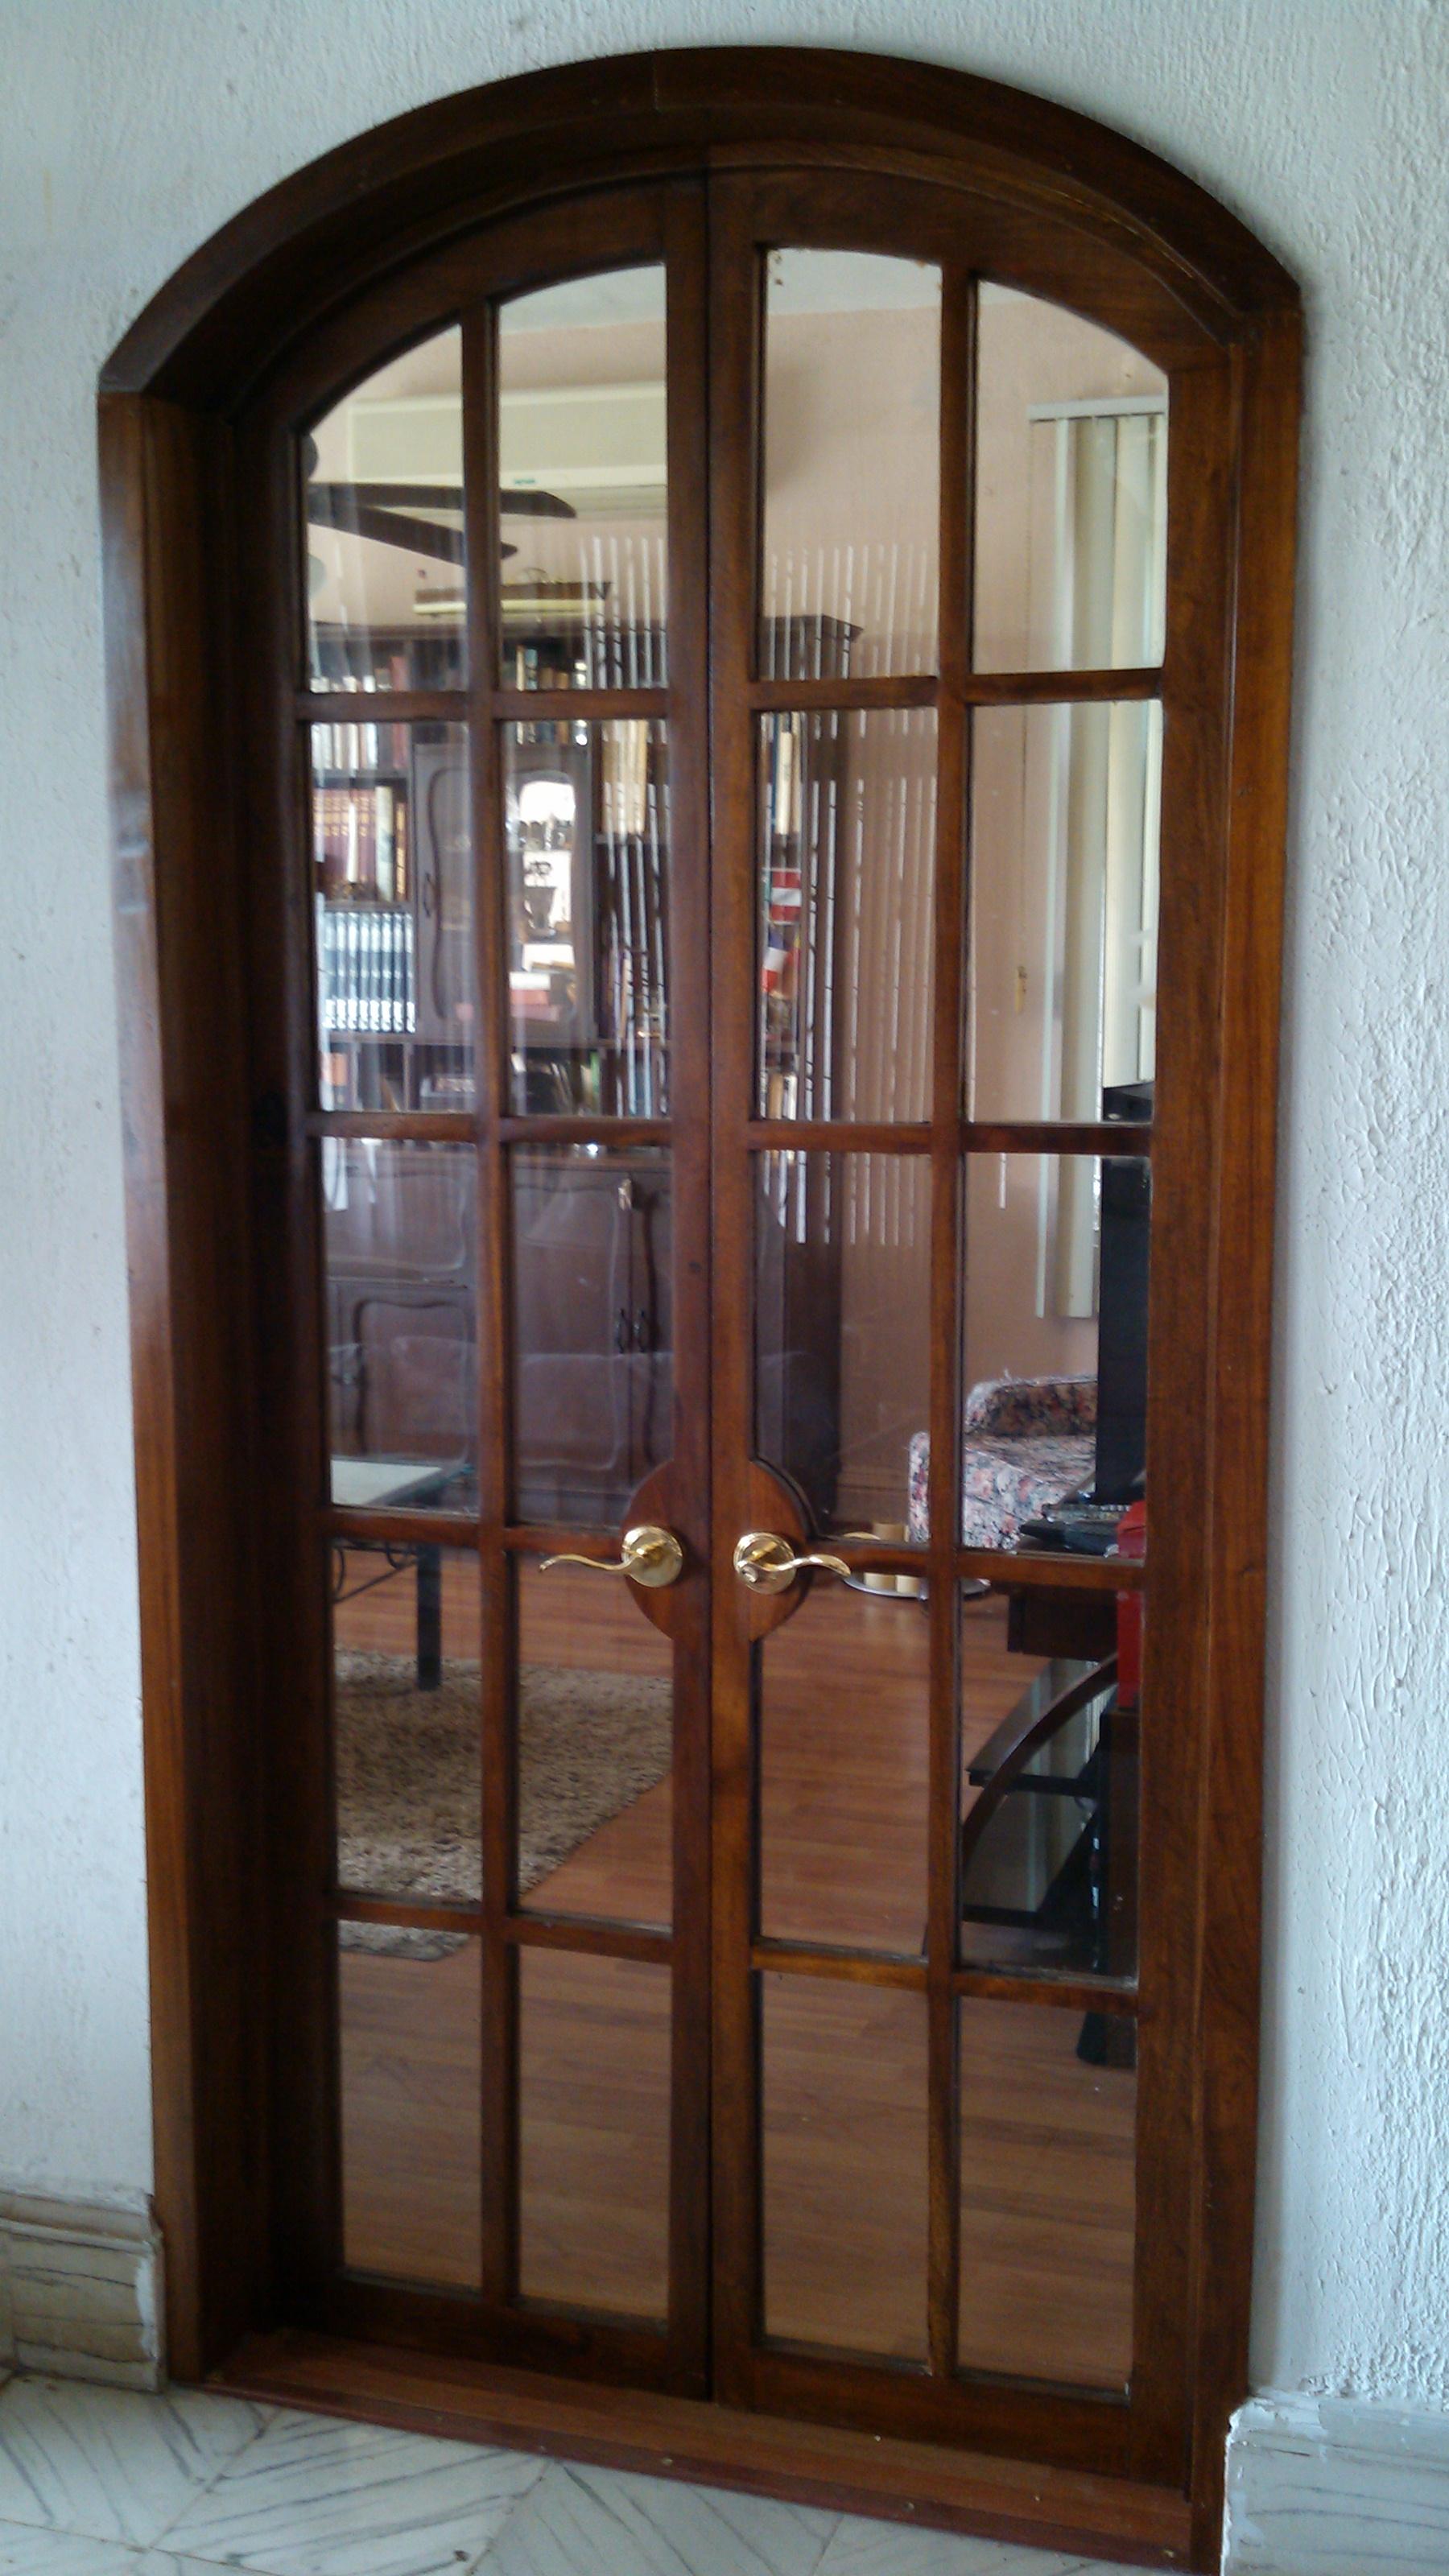 Ventanas puertas y ventanas de madera en puerto rico tattoo design bild for Puertas en aluminio